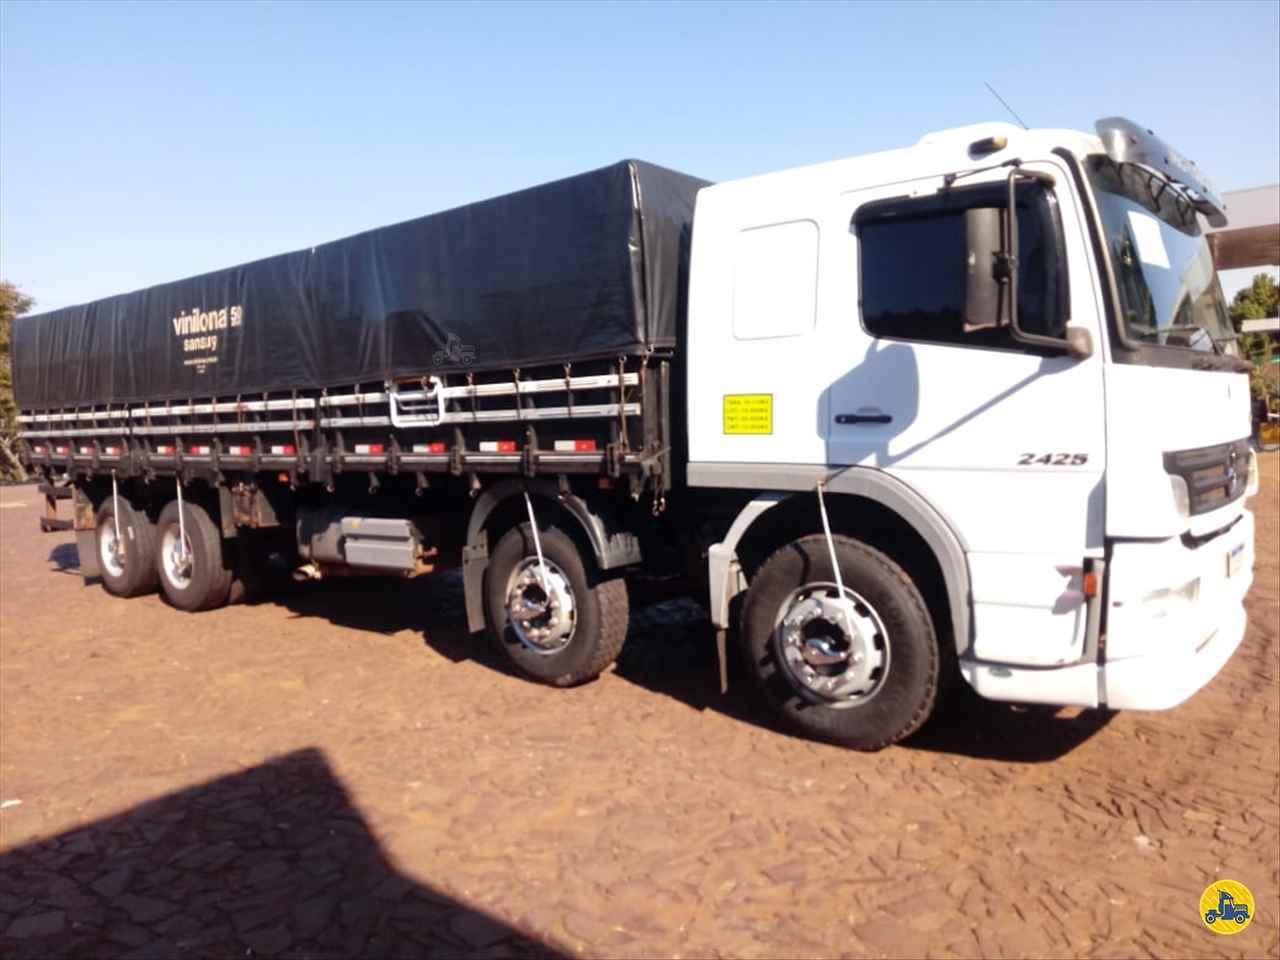 CAMINHAO MERCEDES-BENZ MB 2425 Graneleiro BiTruck 8x2 Transmap Caminhões SANTA ROSA RIO GRANDE DO SUL RS